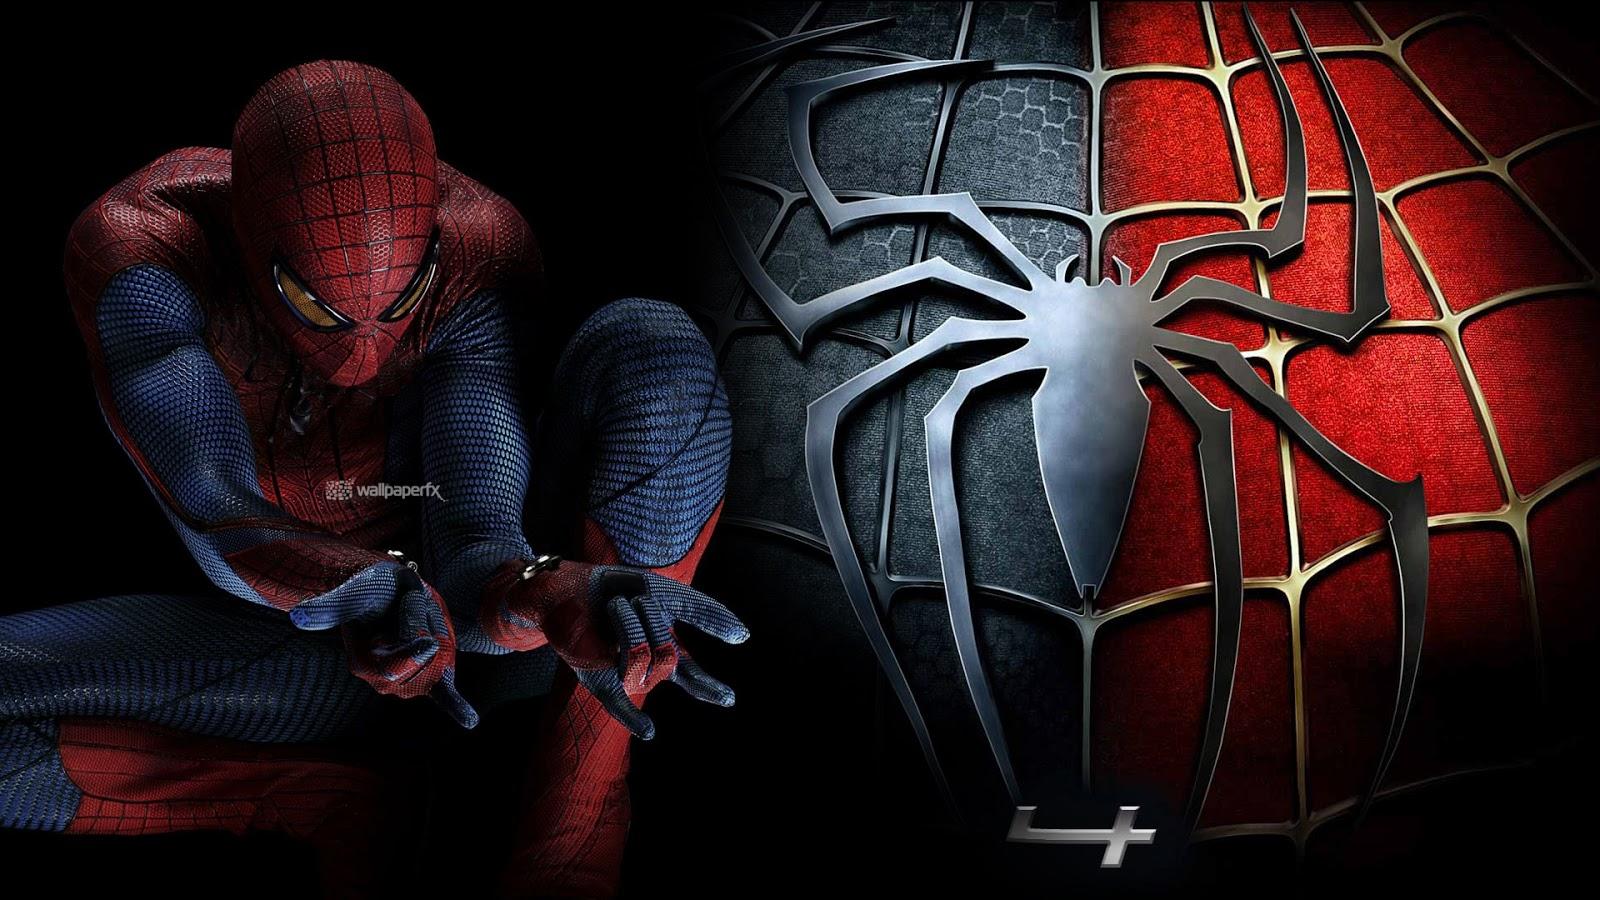 Desktop HD Spiderman Wallpapers Download